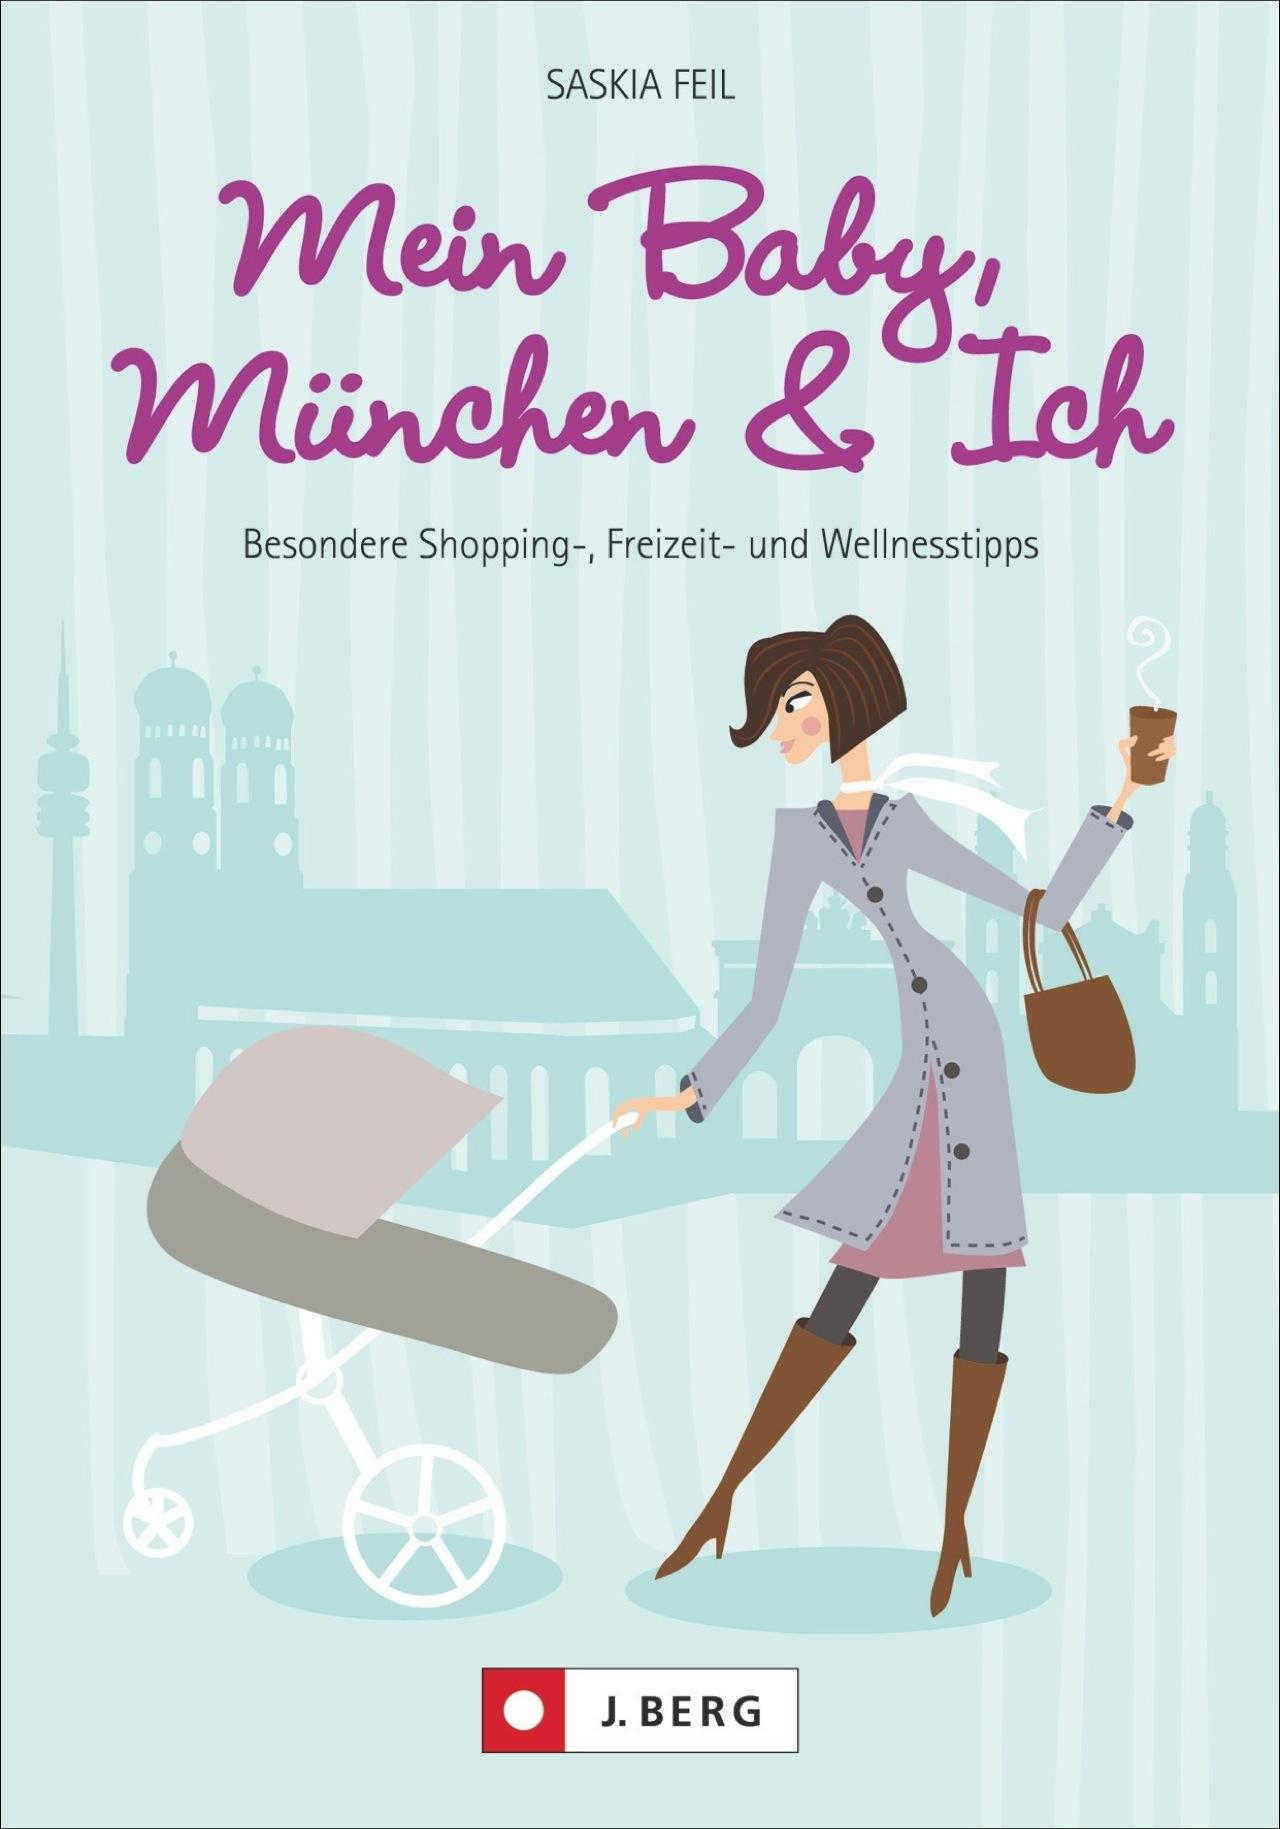 Kinderwagen München: Besondere Shopping-, Freiz...